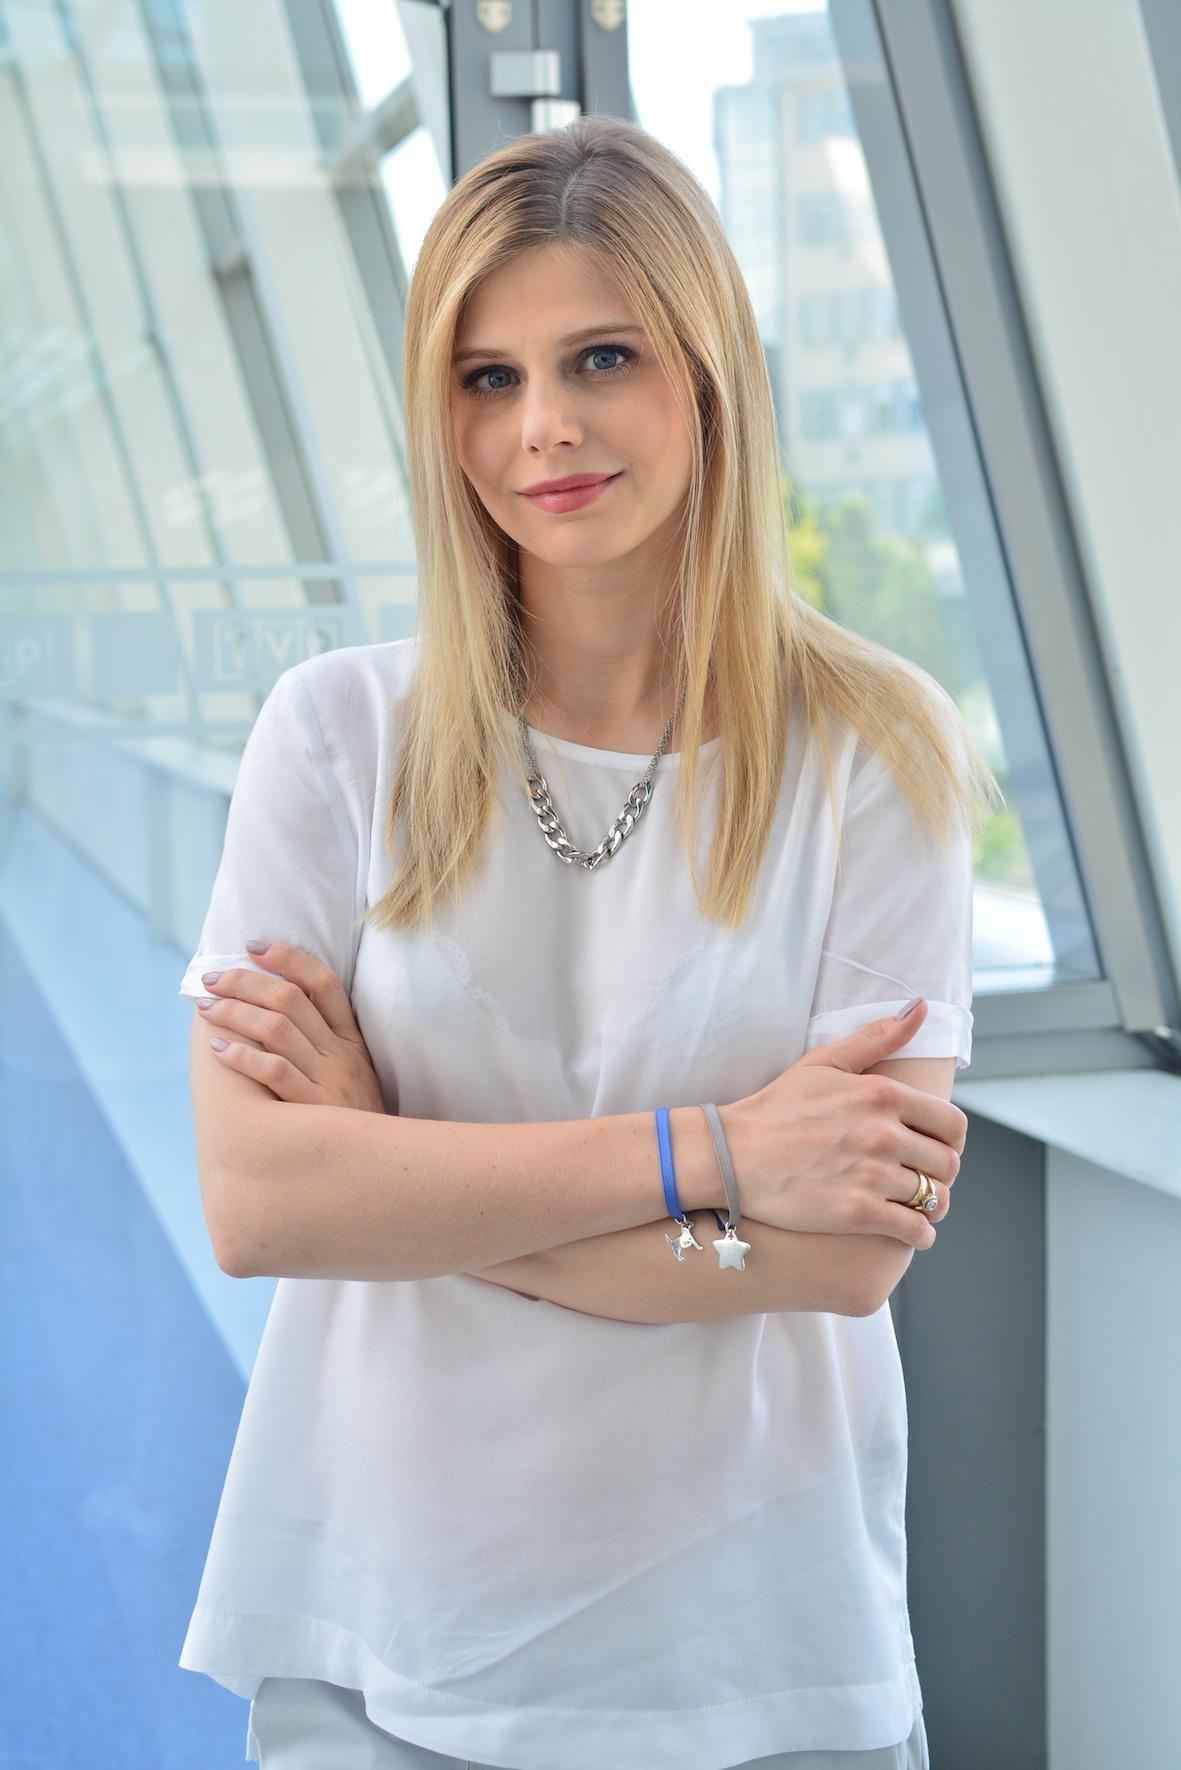 Izabela Zwierzyńska: Będę mamą - bezpieczna podróż samochodem - BlogStar.pl